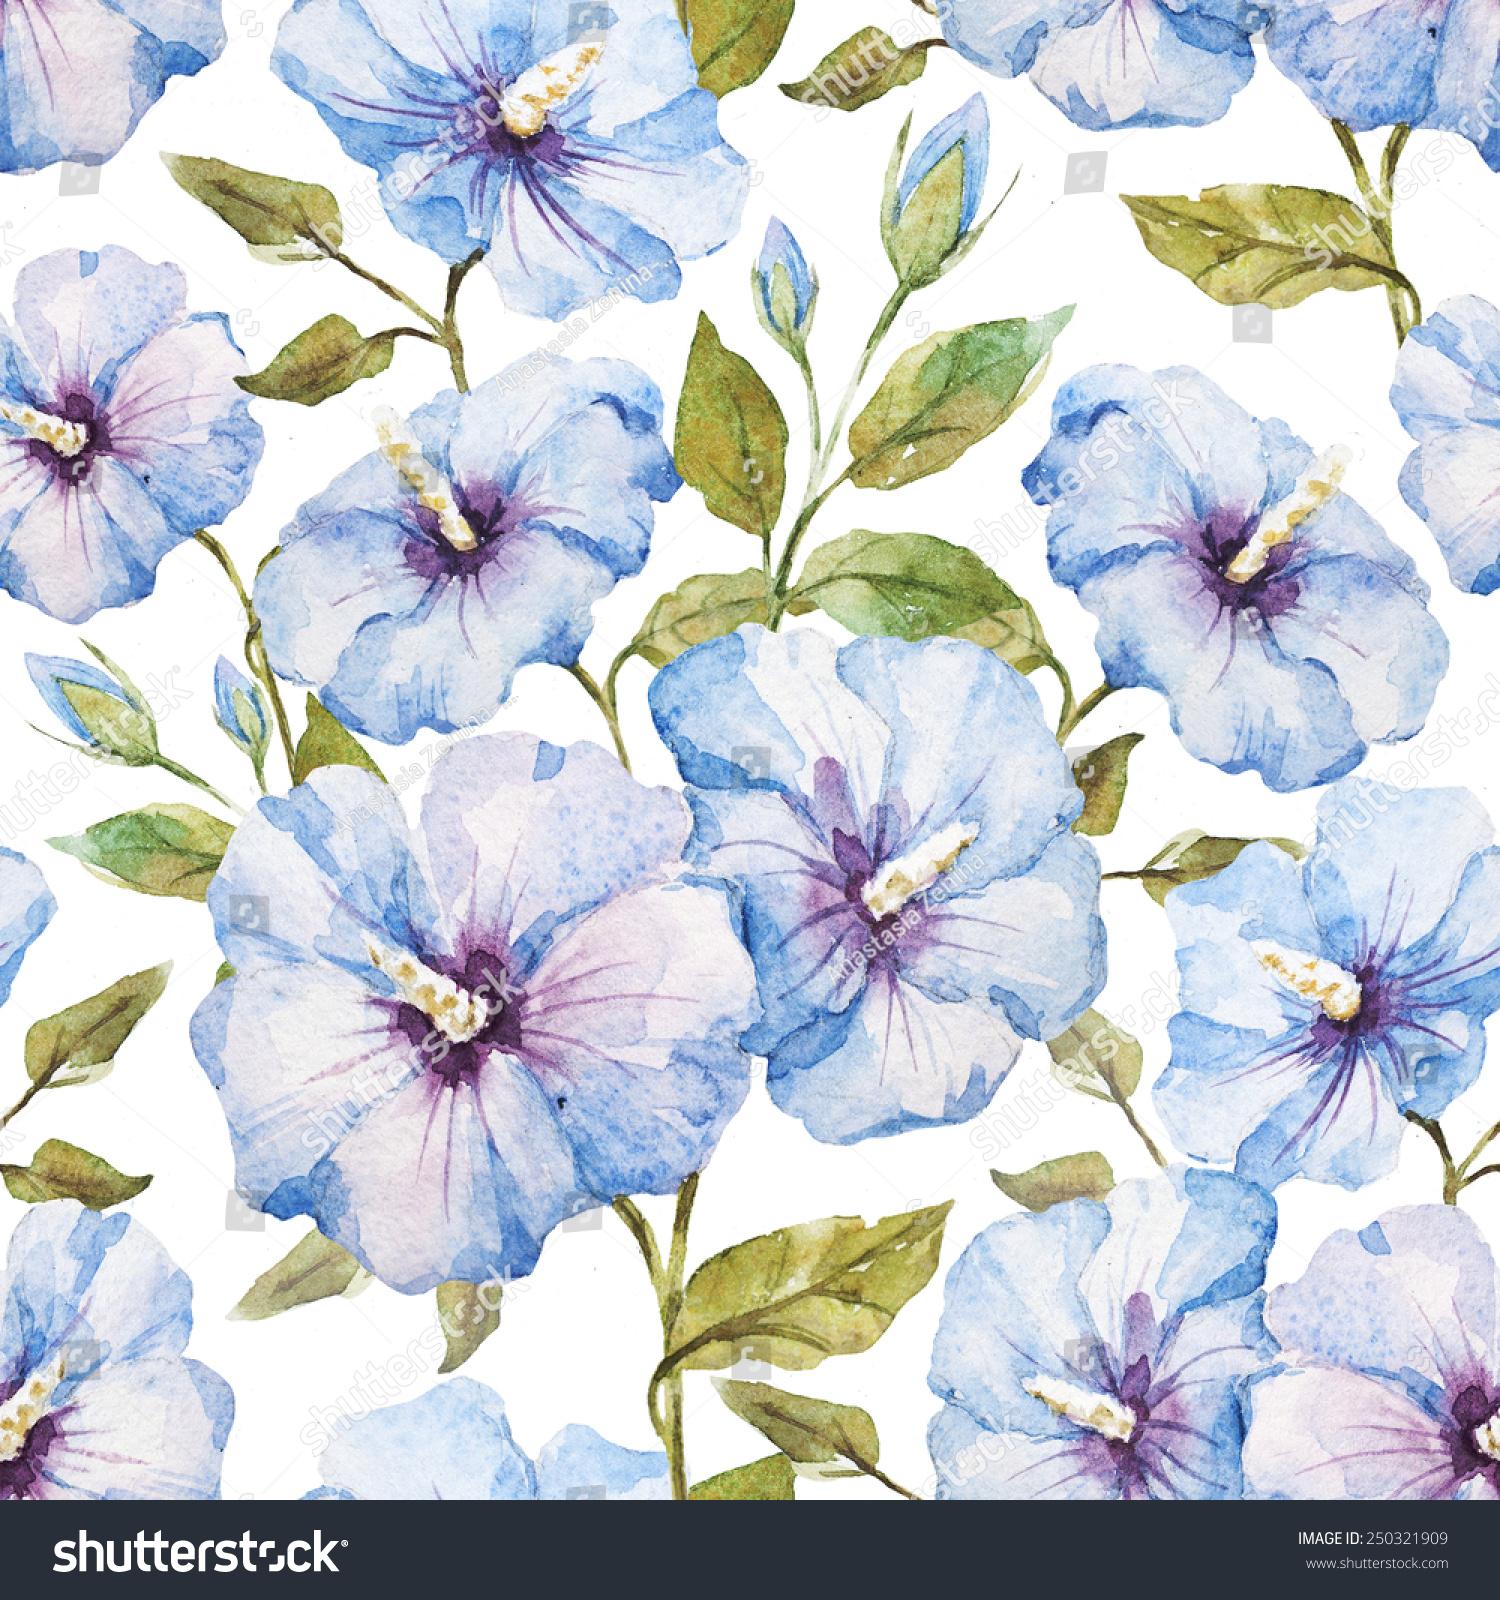 木槿花,外来的水彩画,图案-背景/素材,自然-海洛创意